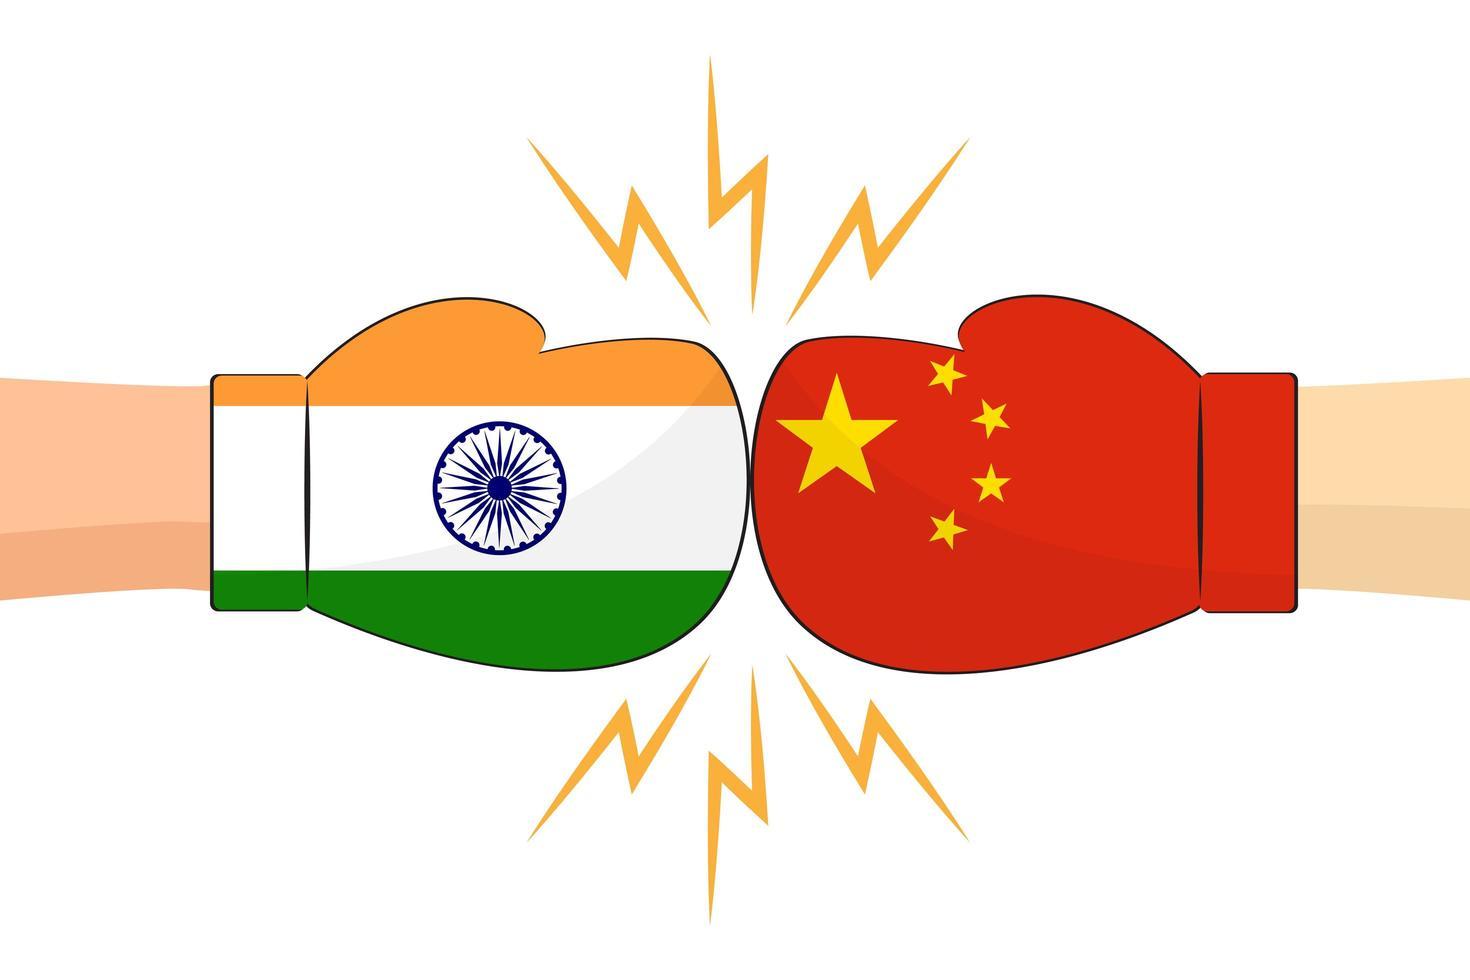 guantes de boxeo entre banderas india y china vector